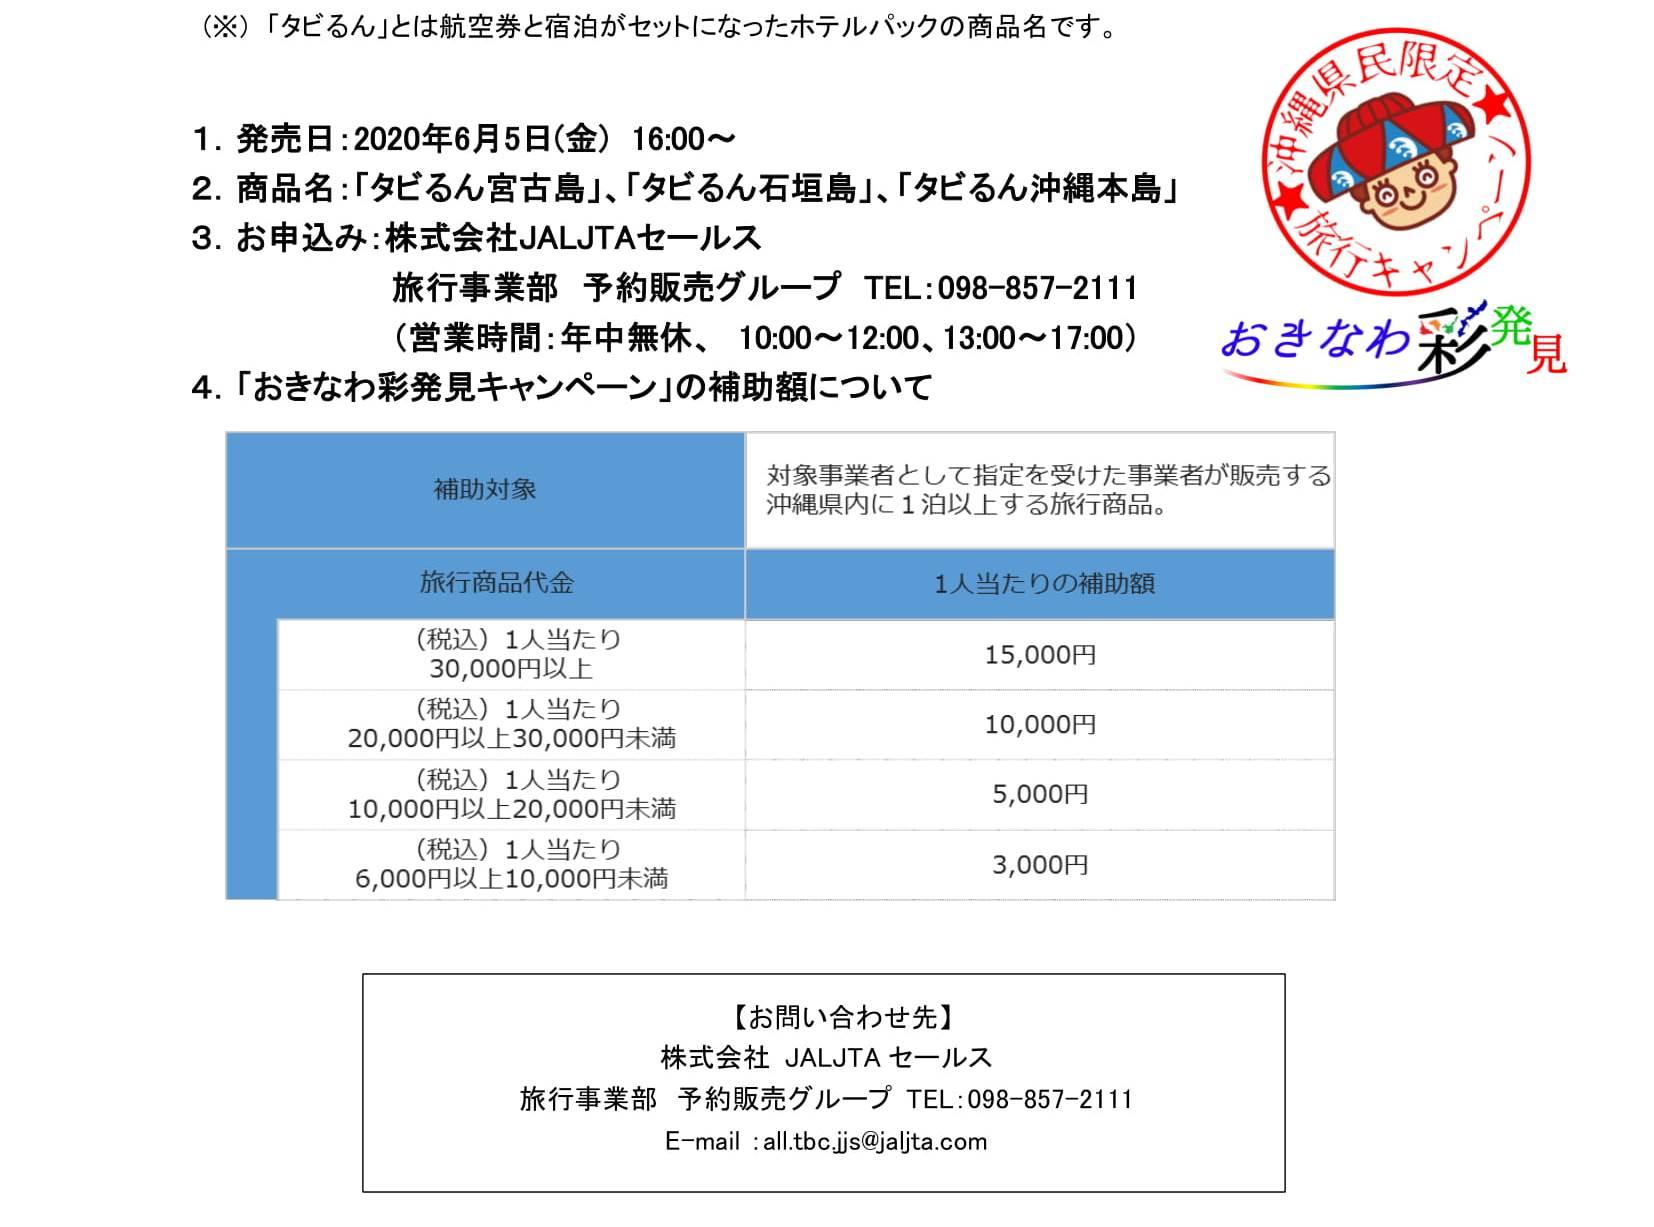 彩 発見 キャンペーン おきなわ 【6月17日】「いいね!「NAHA宿キャンペーン」の実施について 那覇市公式ホームページ